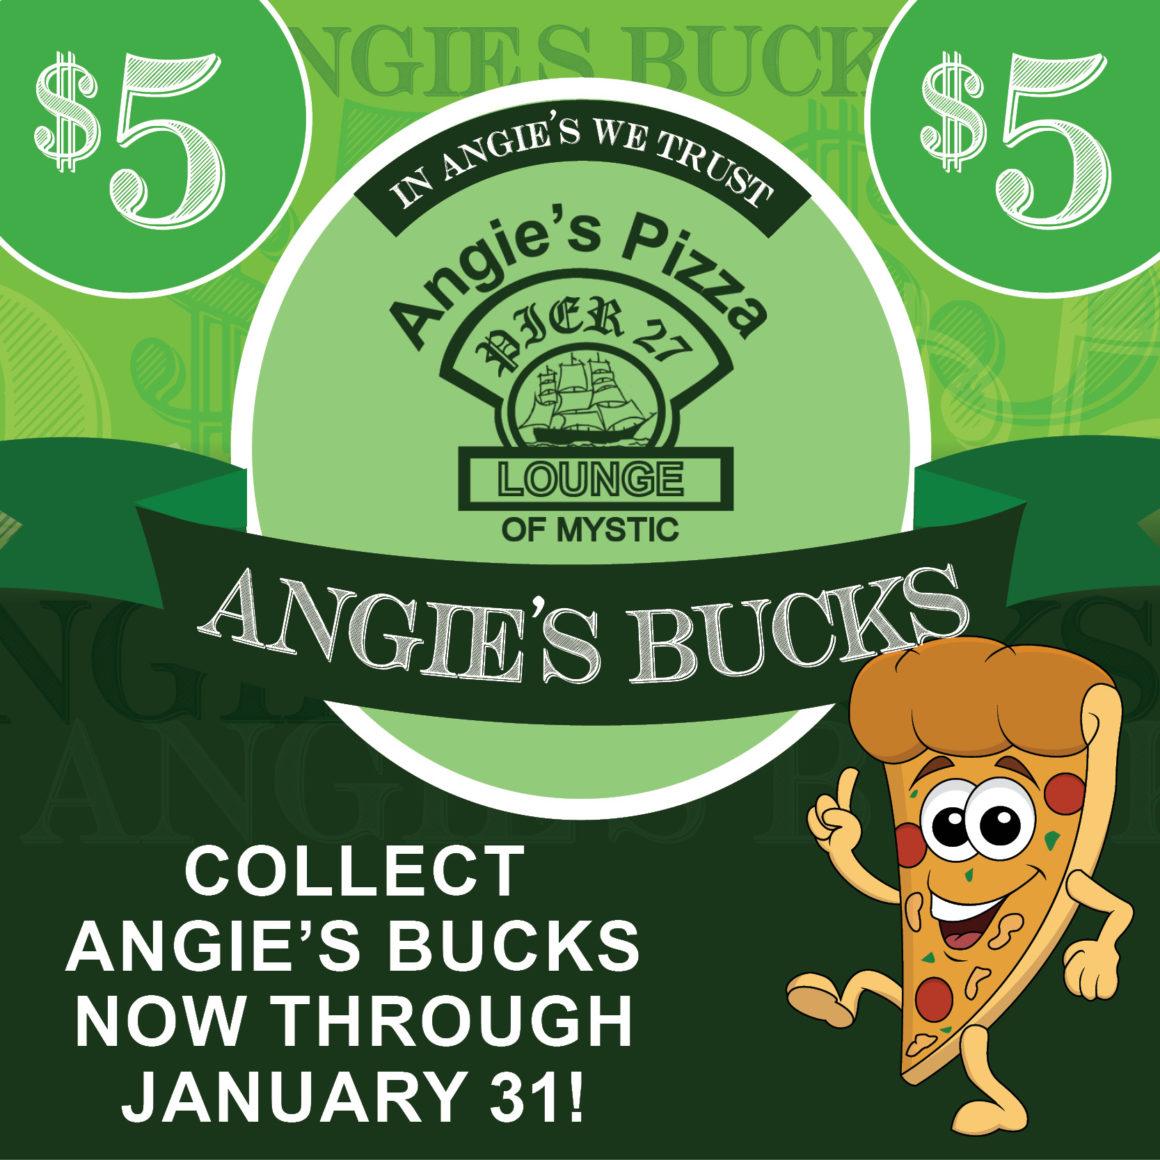 Angie's Bucks